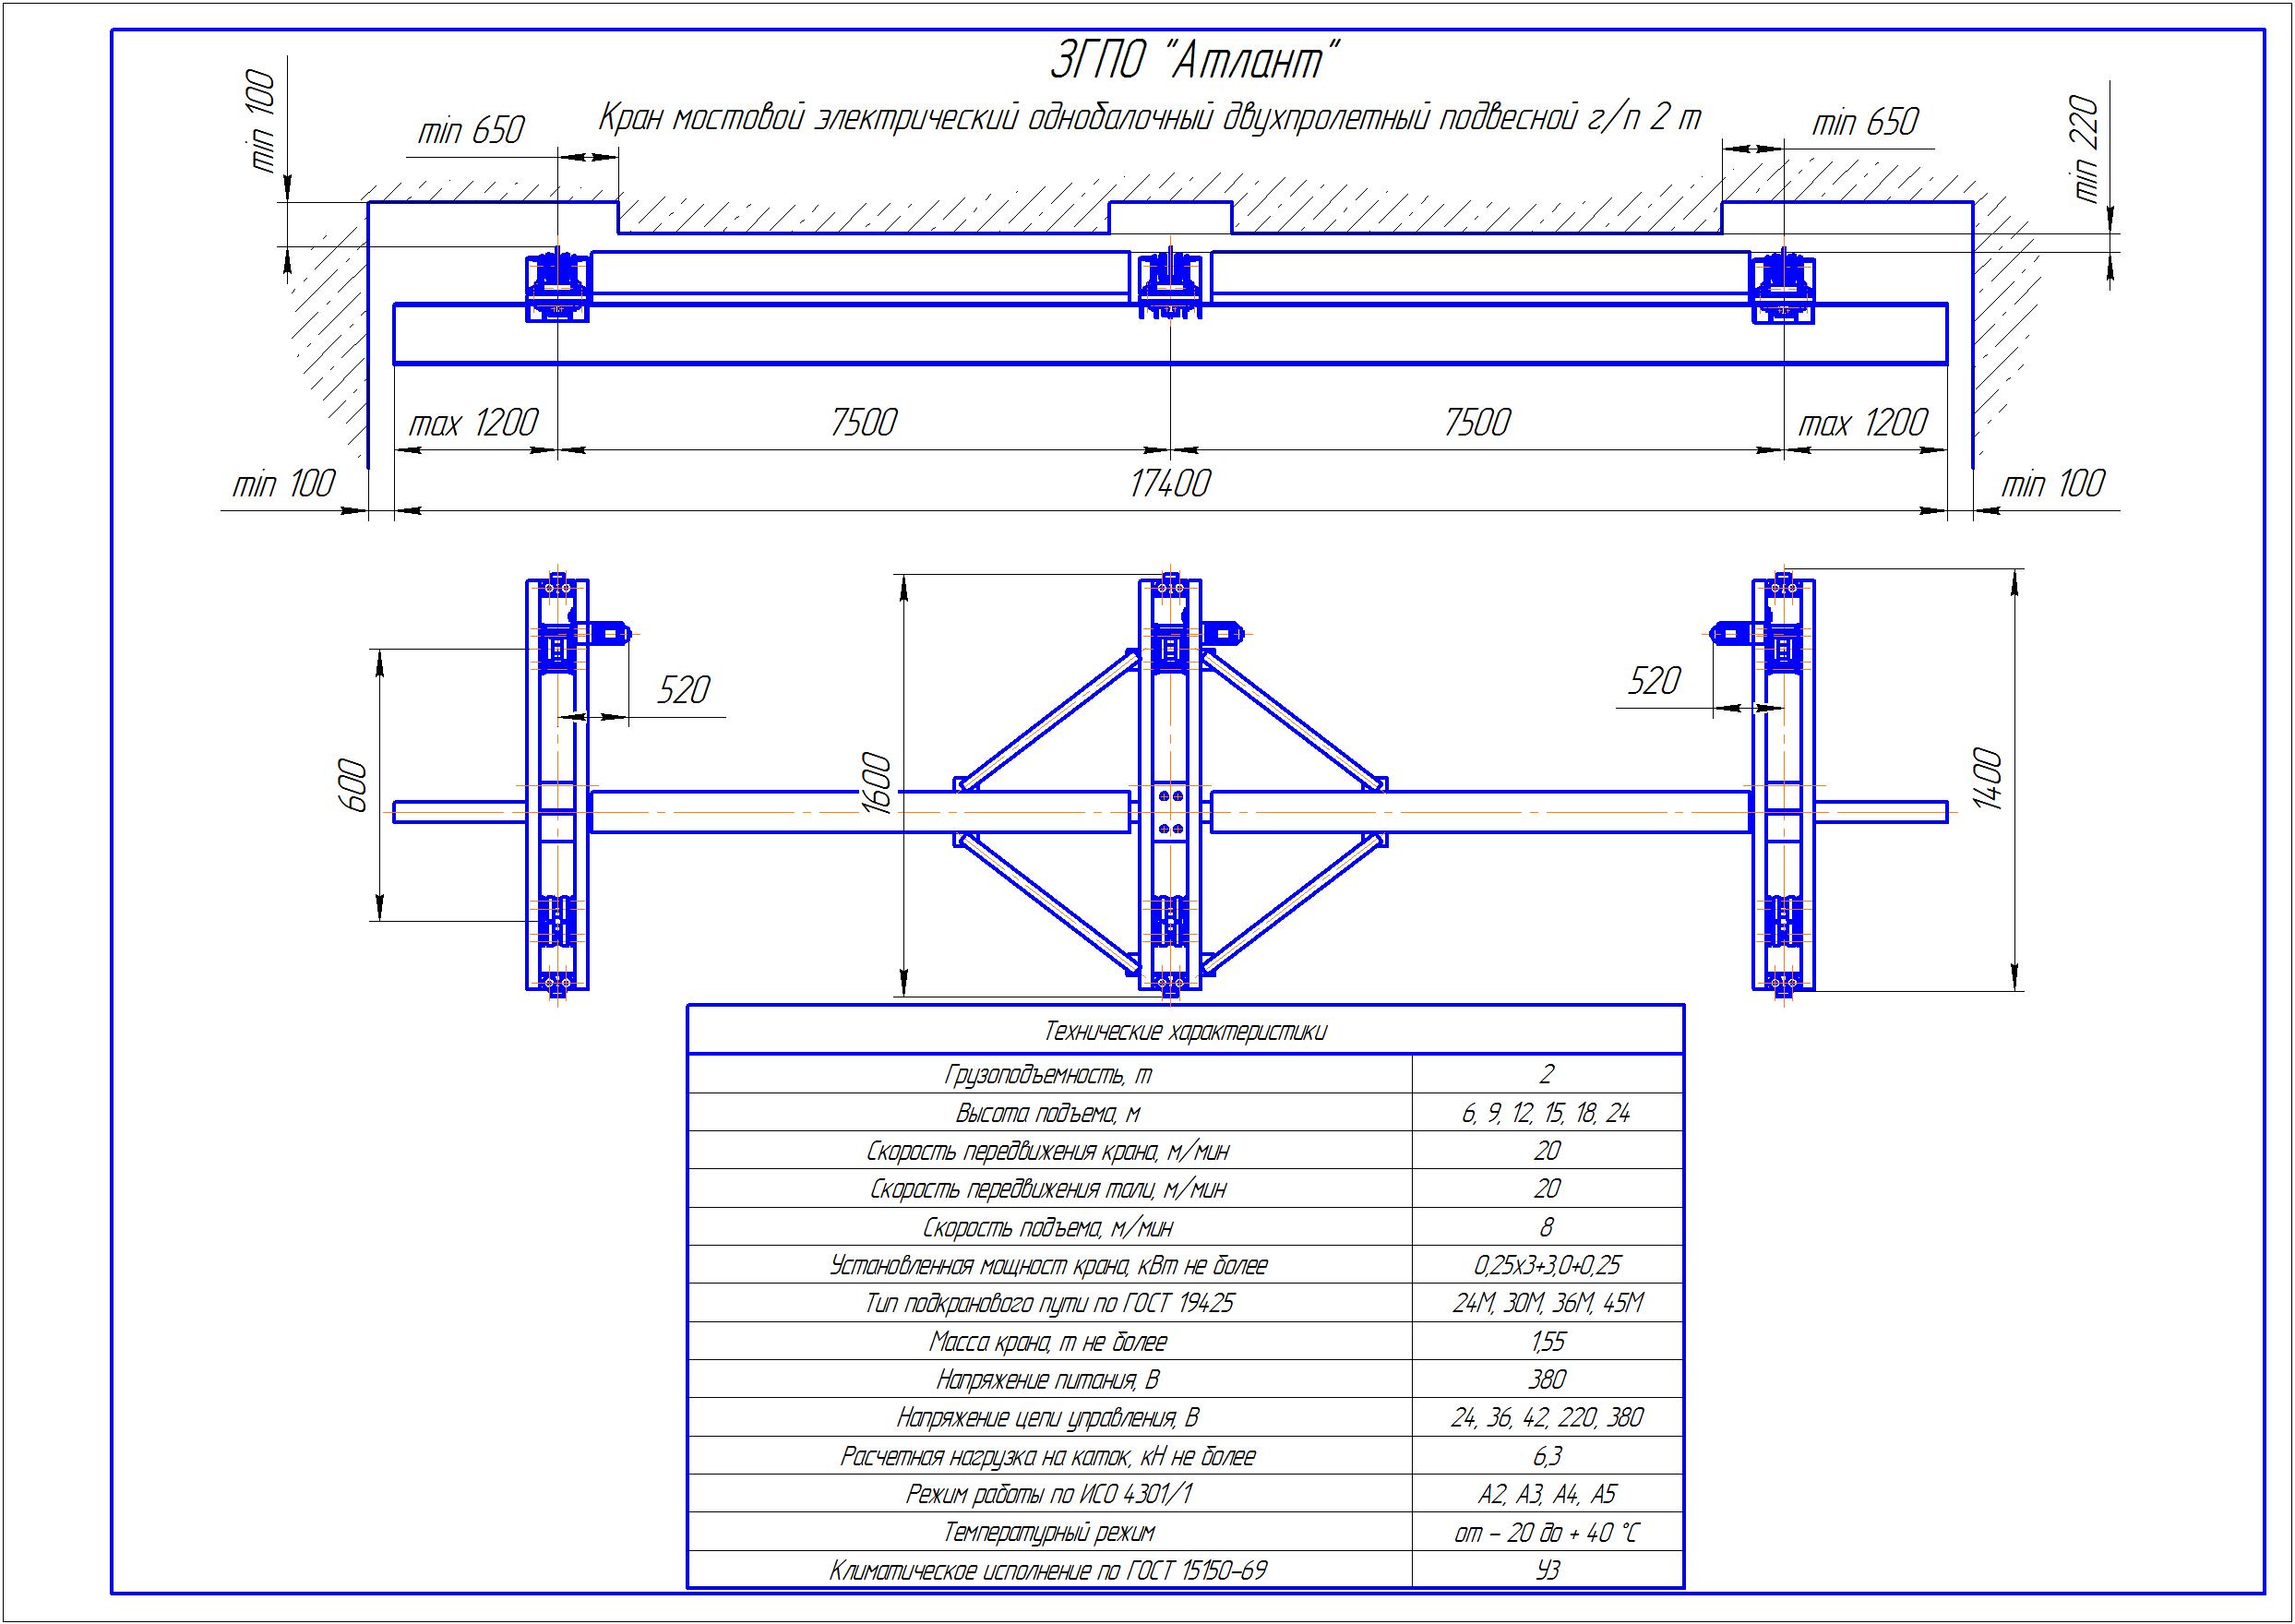 KBPD 2 1 - Подвесная кран балка двухпролетная